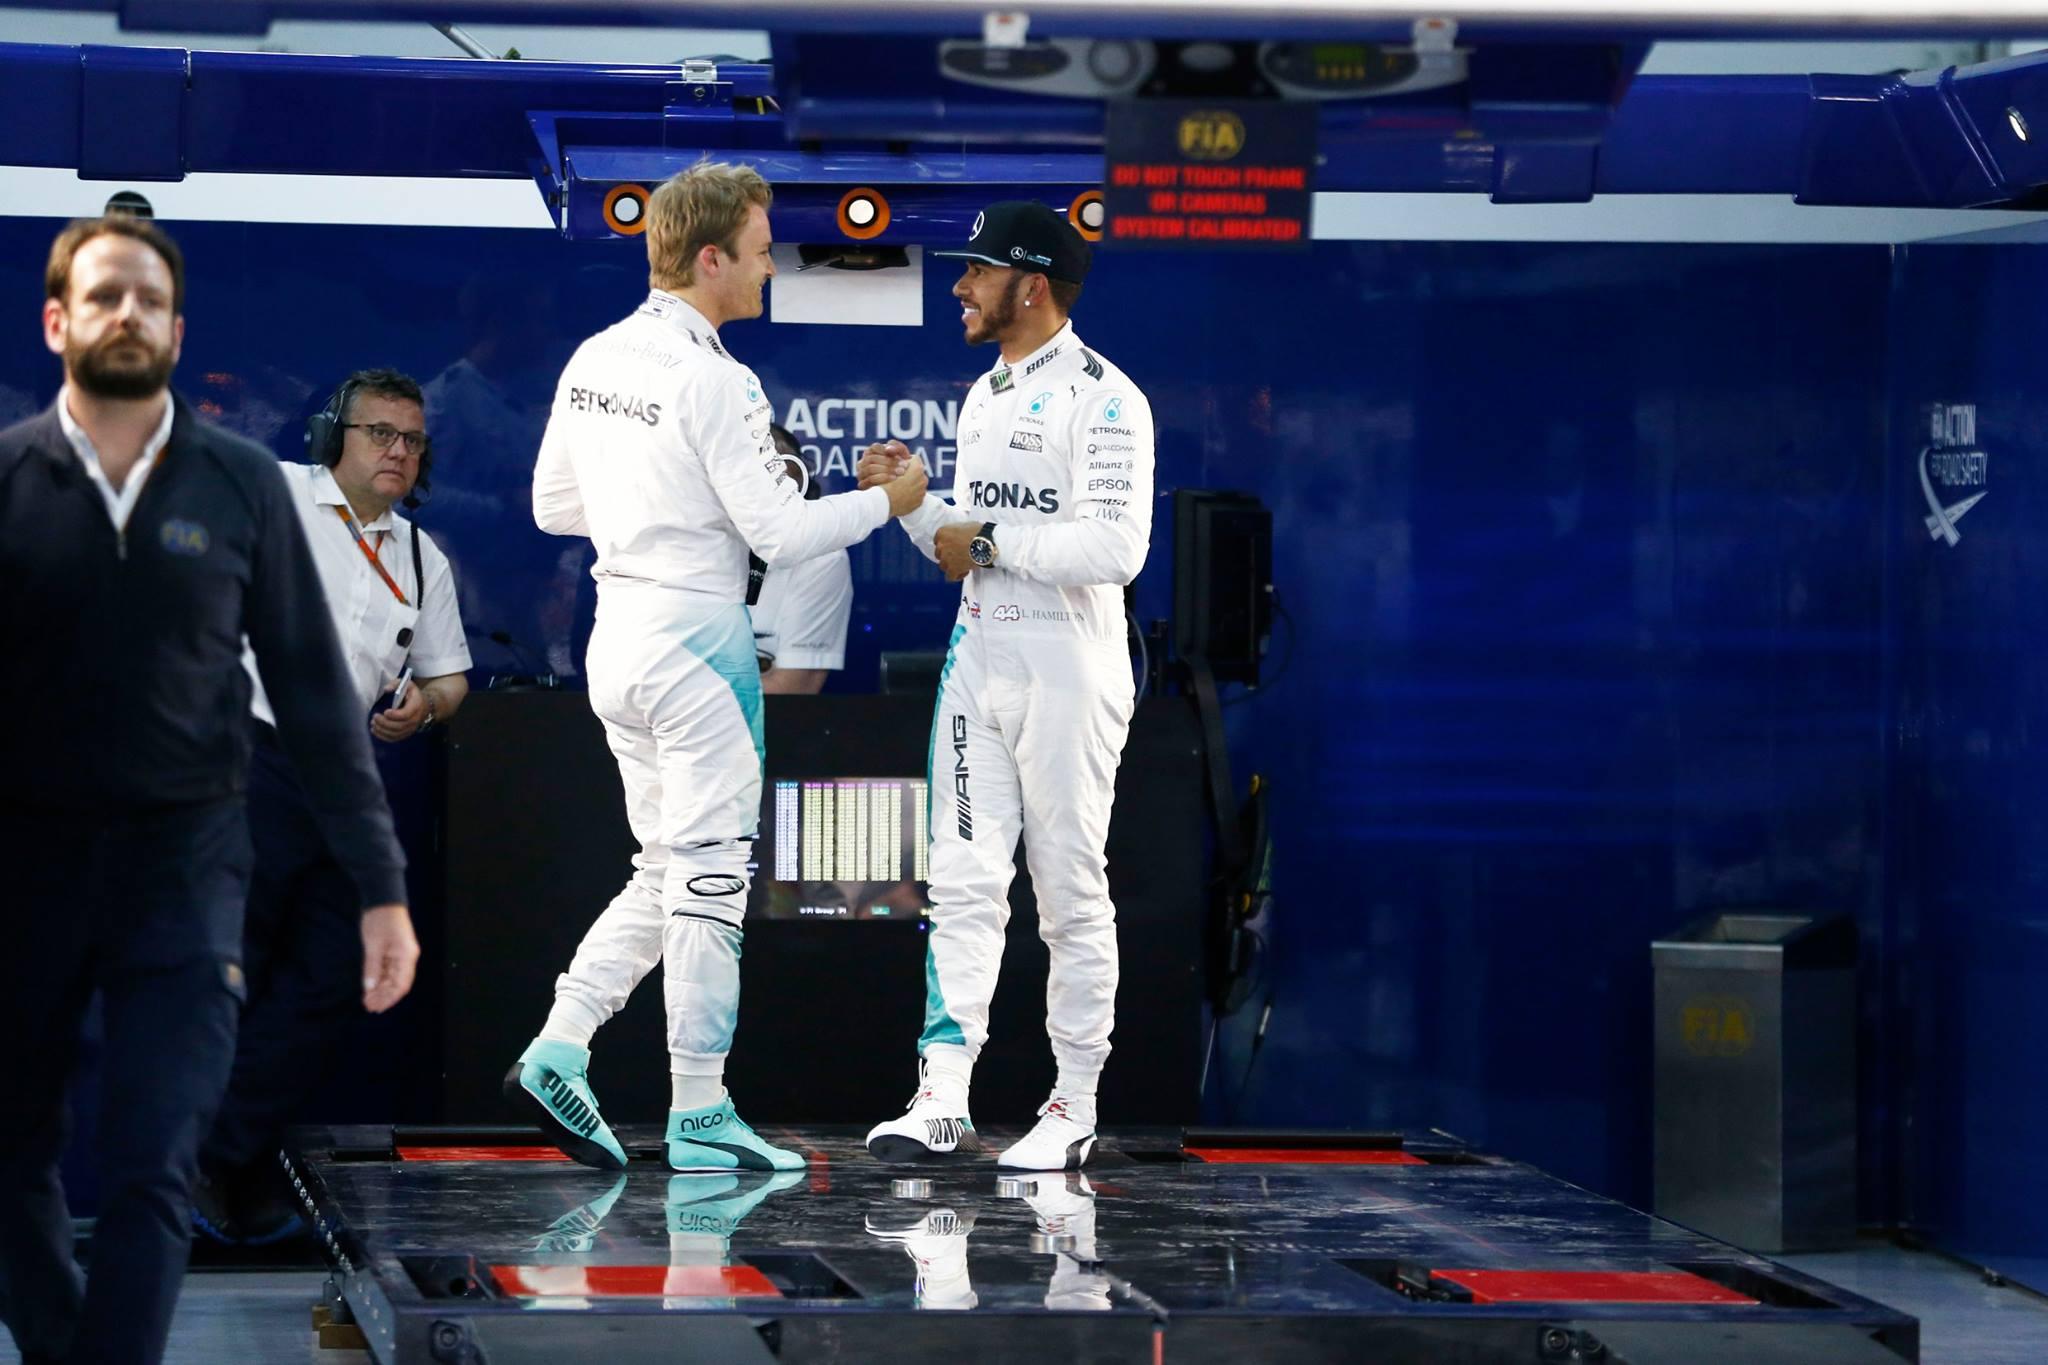 Dupla da Mercedes comemora primeira fila no Grid do Bahrein